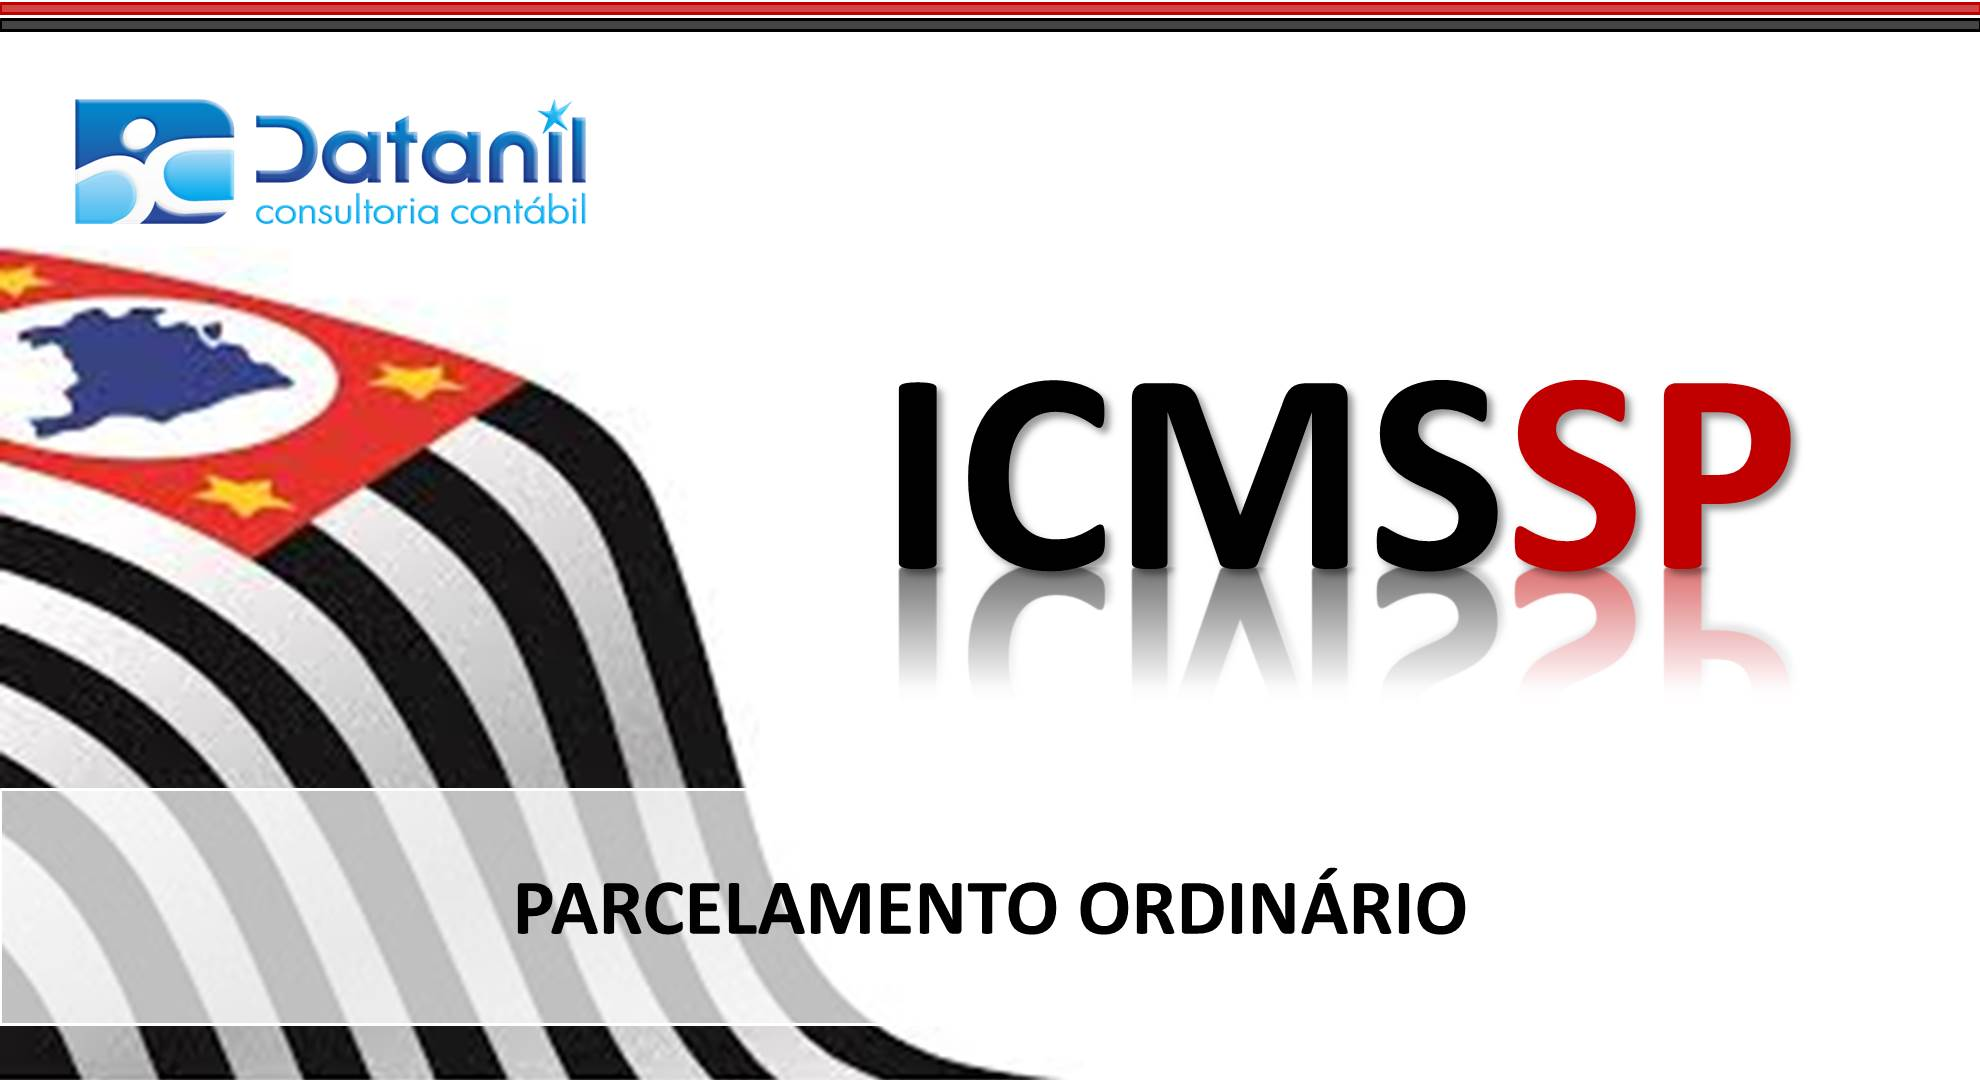 ICMS – Parcelamento Ordinário